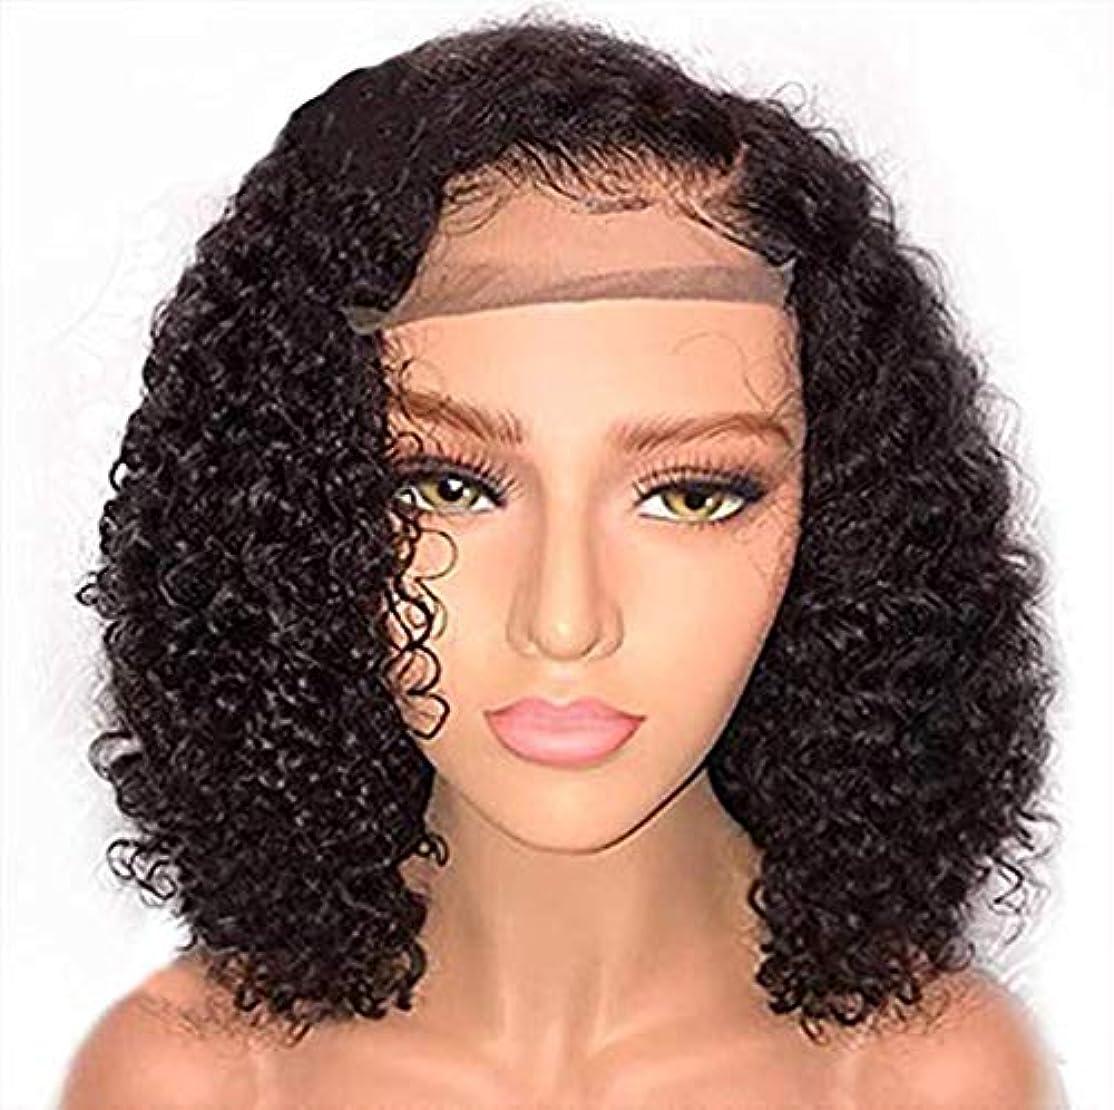 産地ロマンスリボン短いボブバージン人毛グルーレスレースフロントかつら女性150%密度と事前に摘み取られたヘアライン漂白ノットカーリーボブかつら14インチ